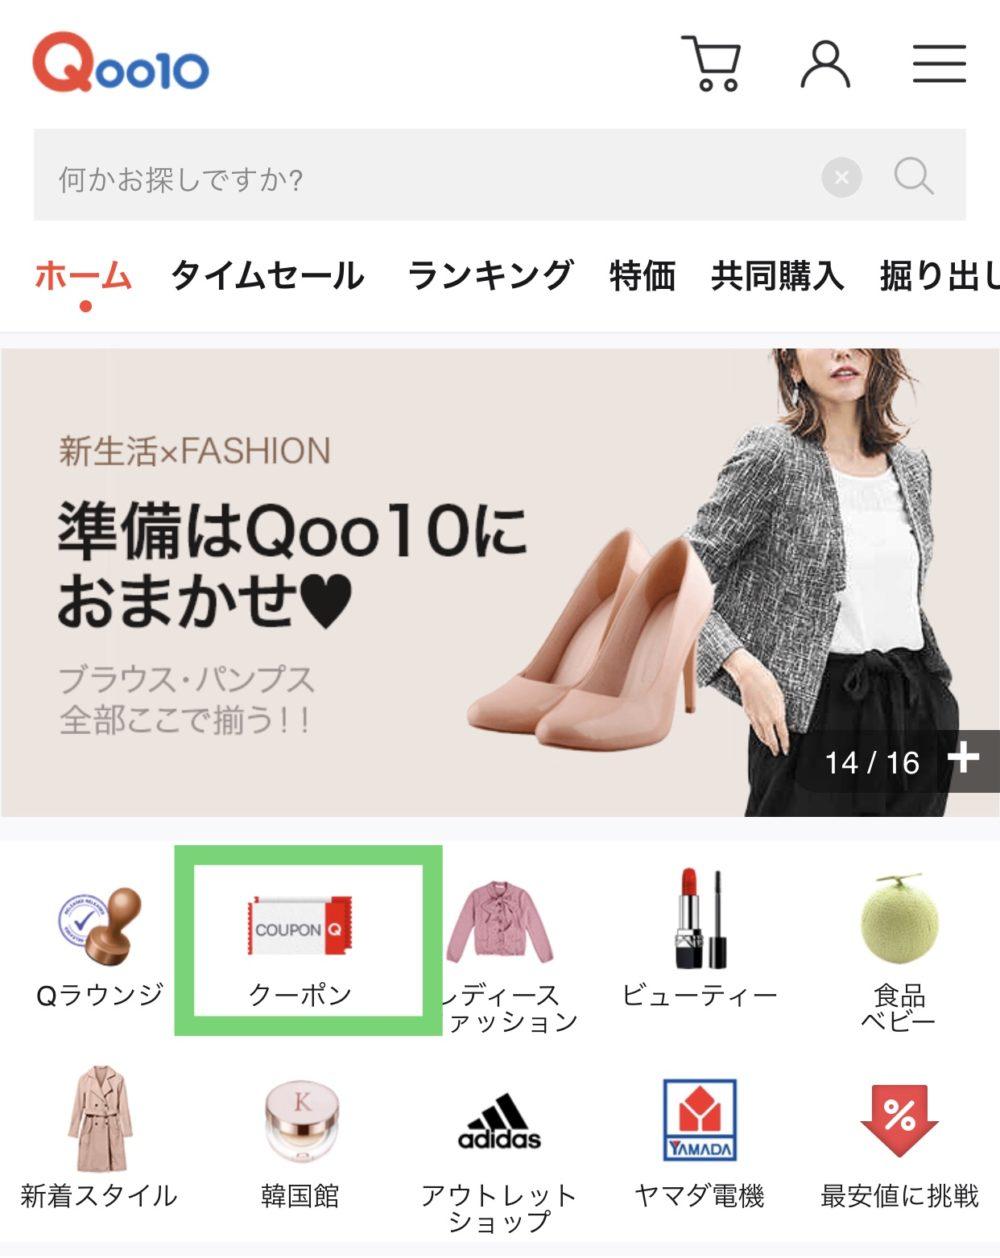 Qoo10クーポンZONEの場所【スマホ】